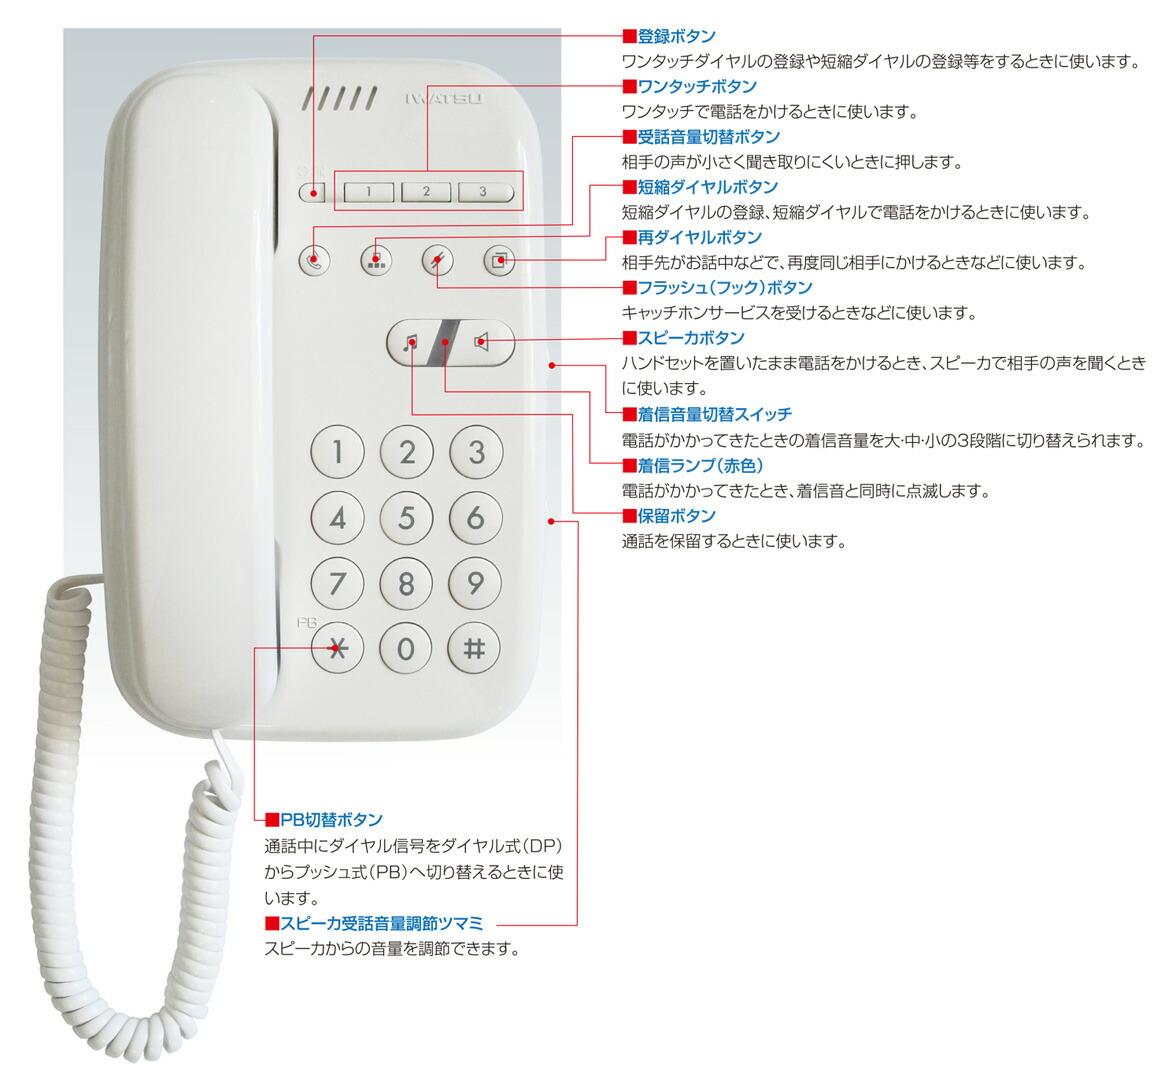 電話機の各機能